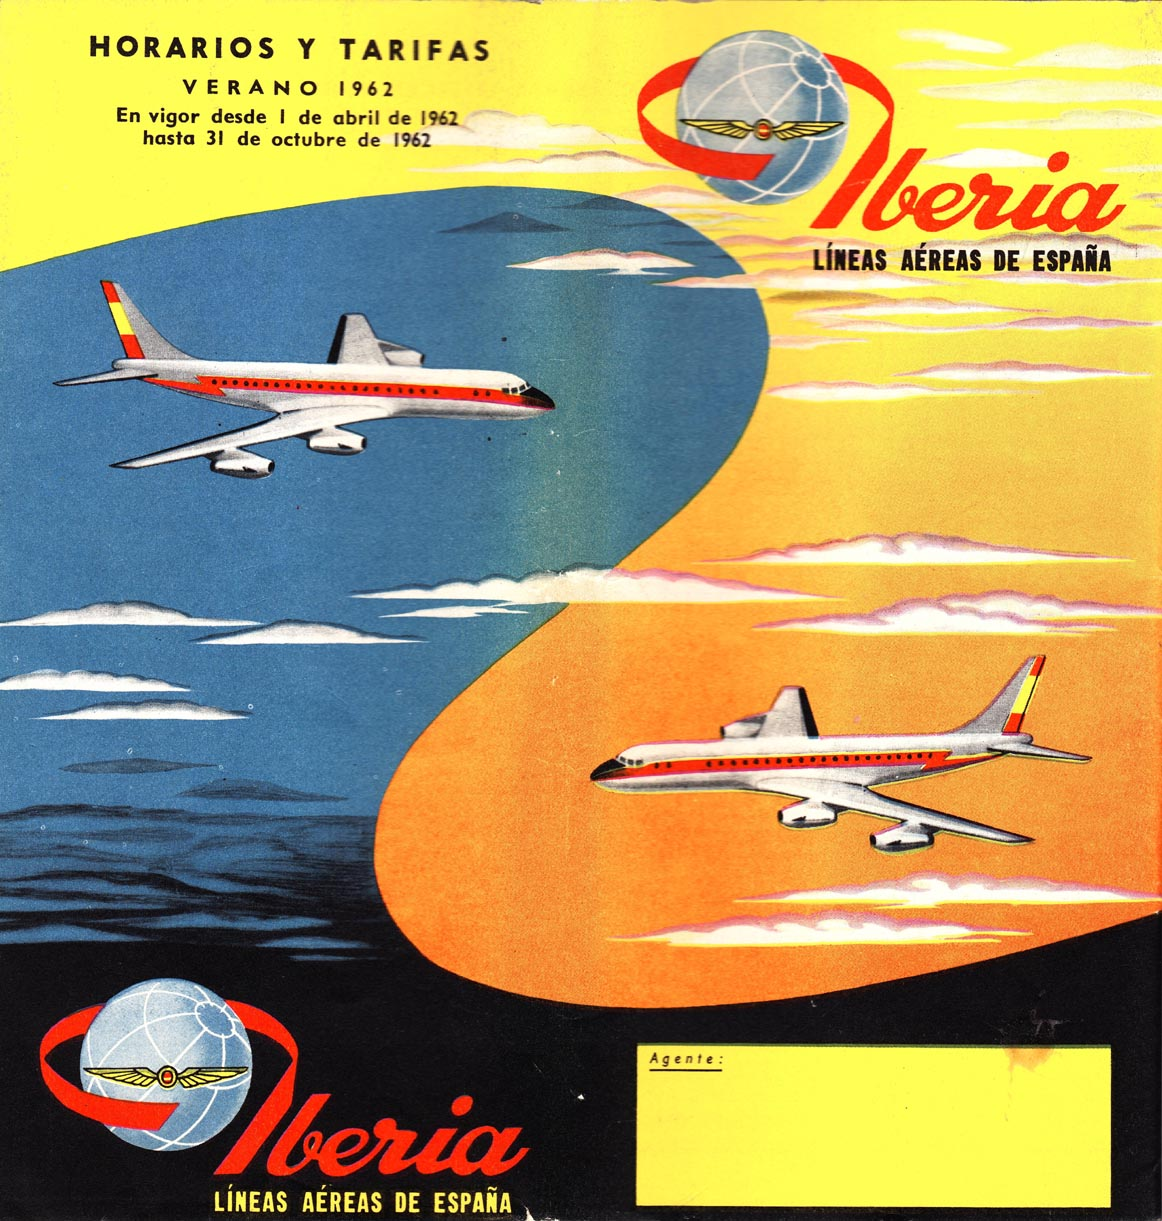 Portada de Tabla de horarios y tarifas de Iberia, de 1962. Colección de Diederik R. Vels Heijn.